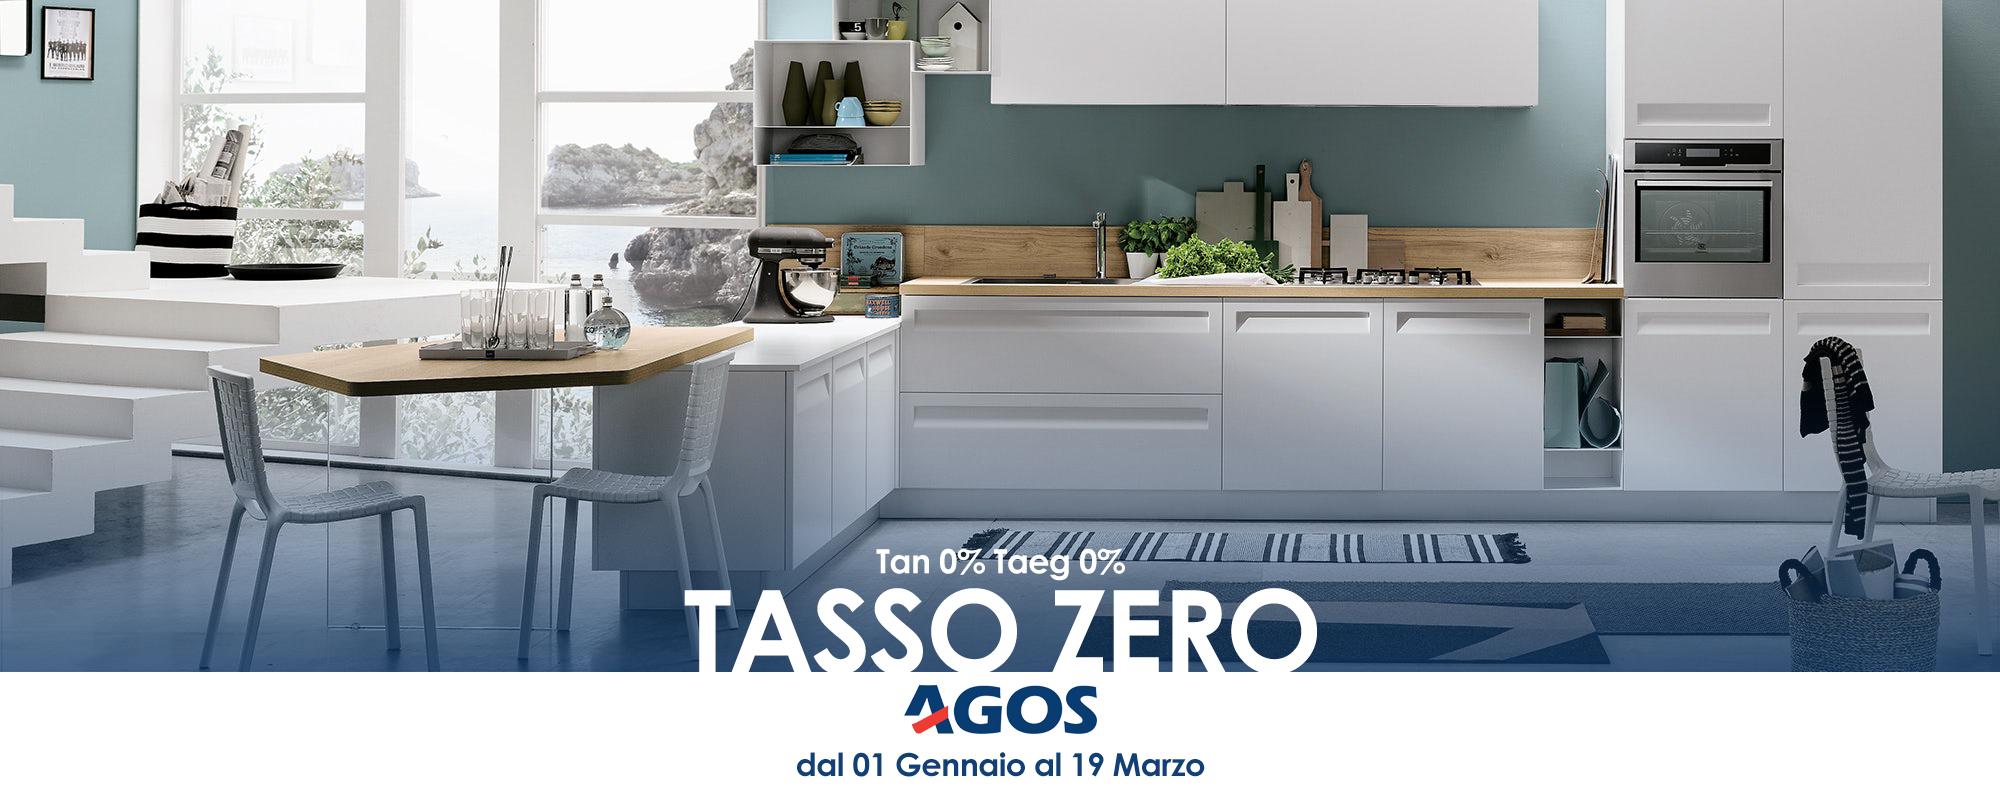 Cucine Stosa Lecce. Cucine classiche, moderne e contemporanee Salento